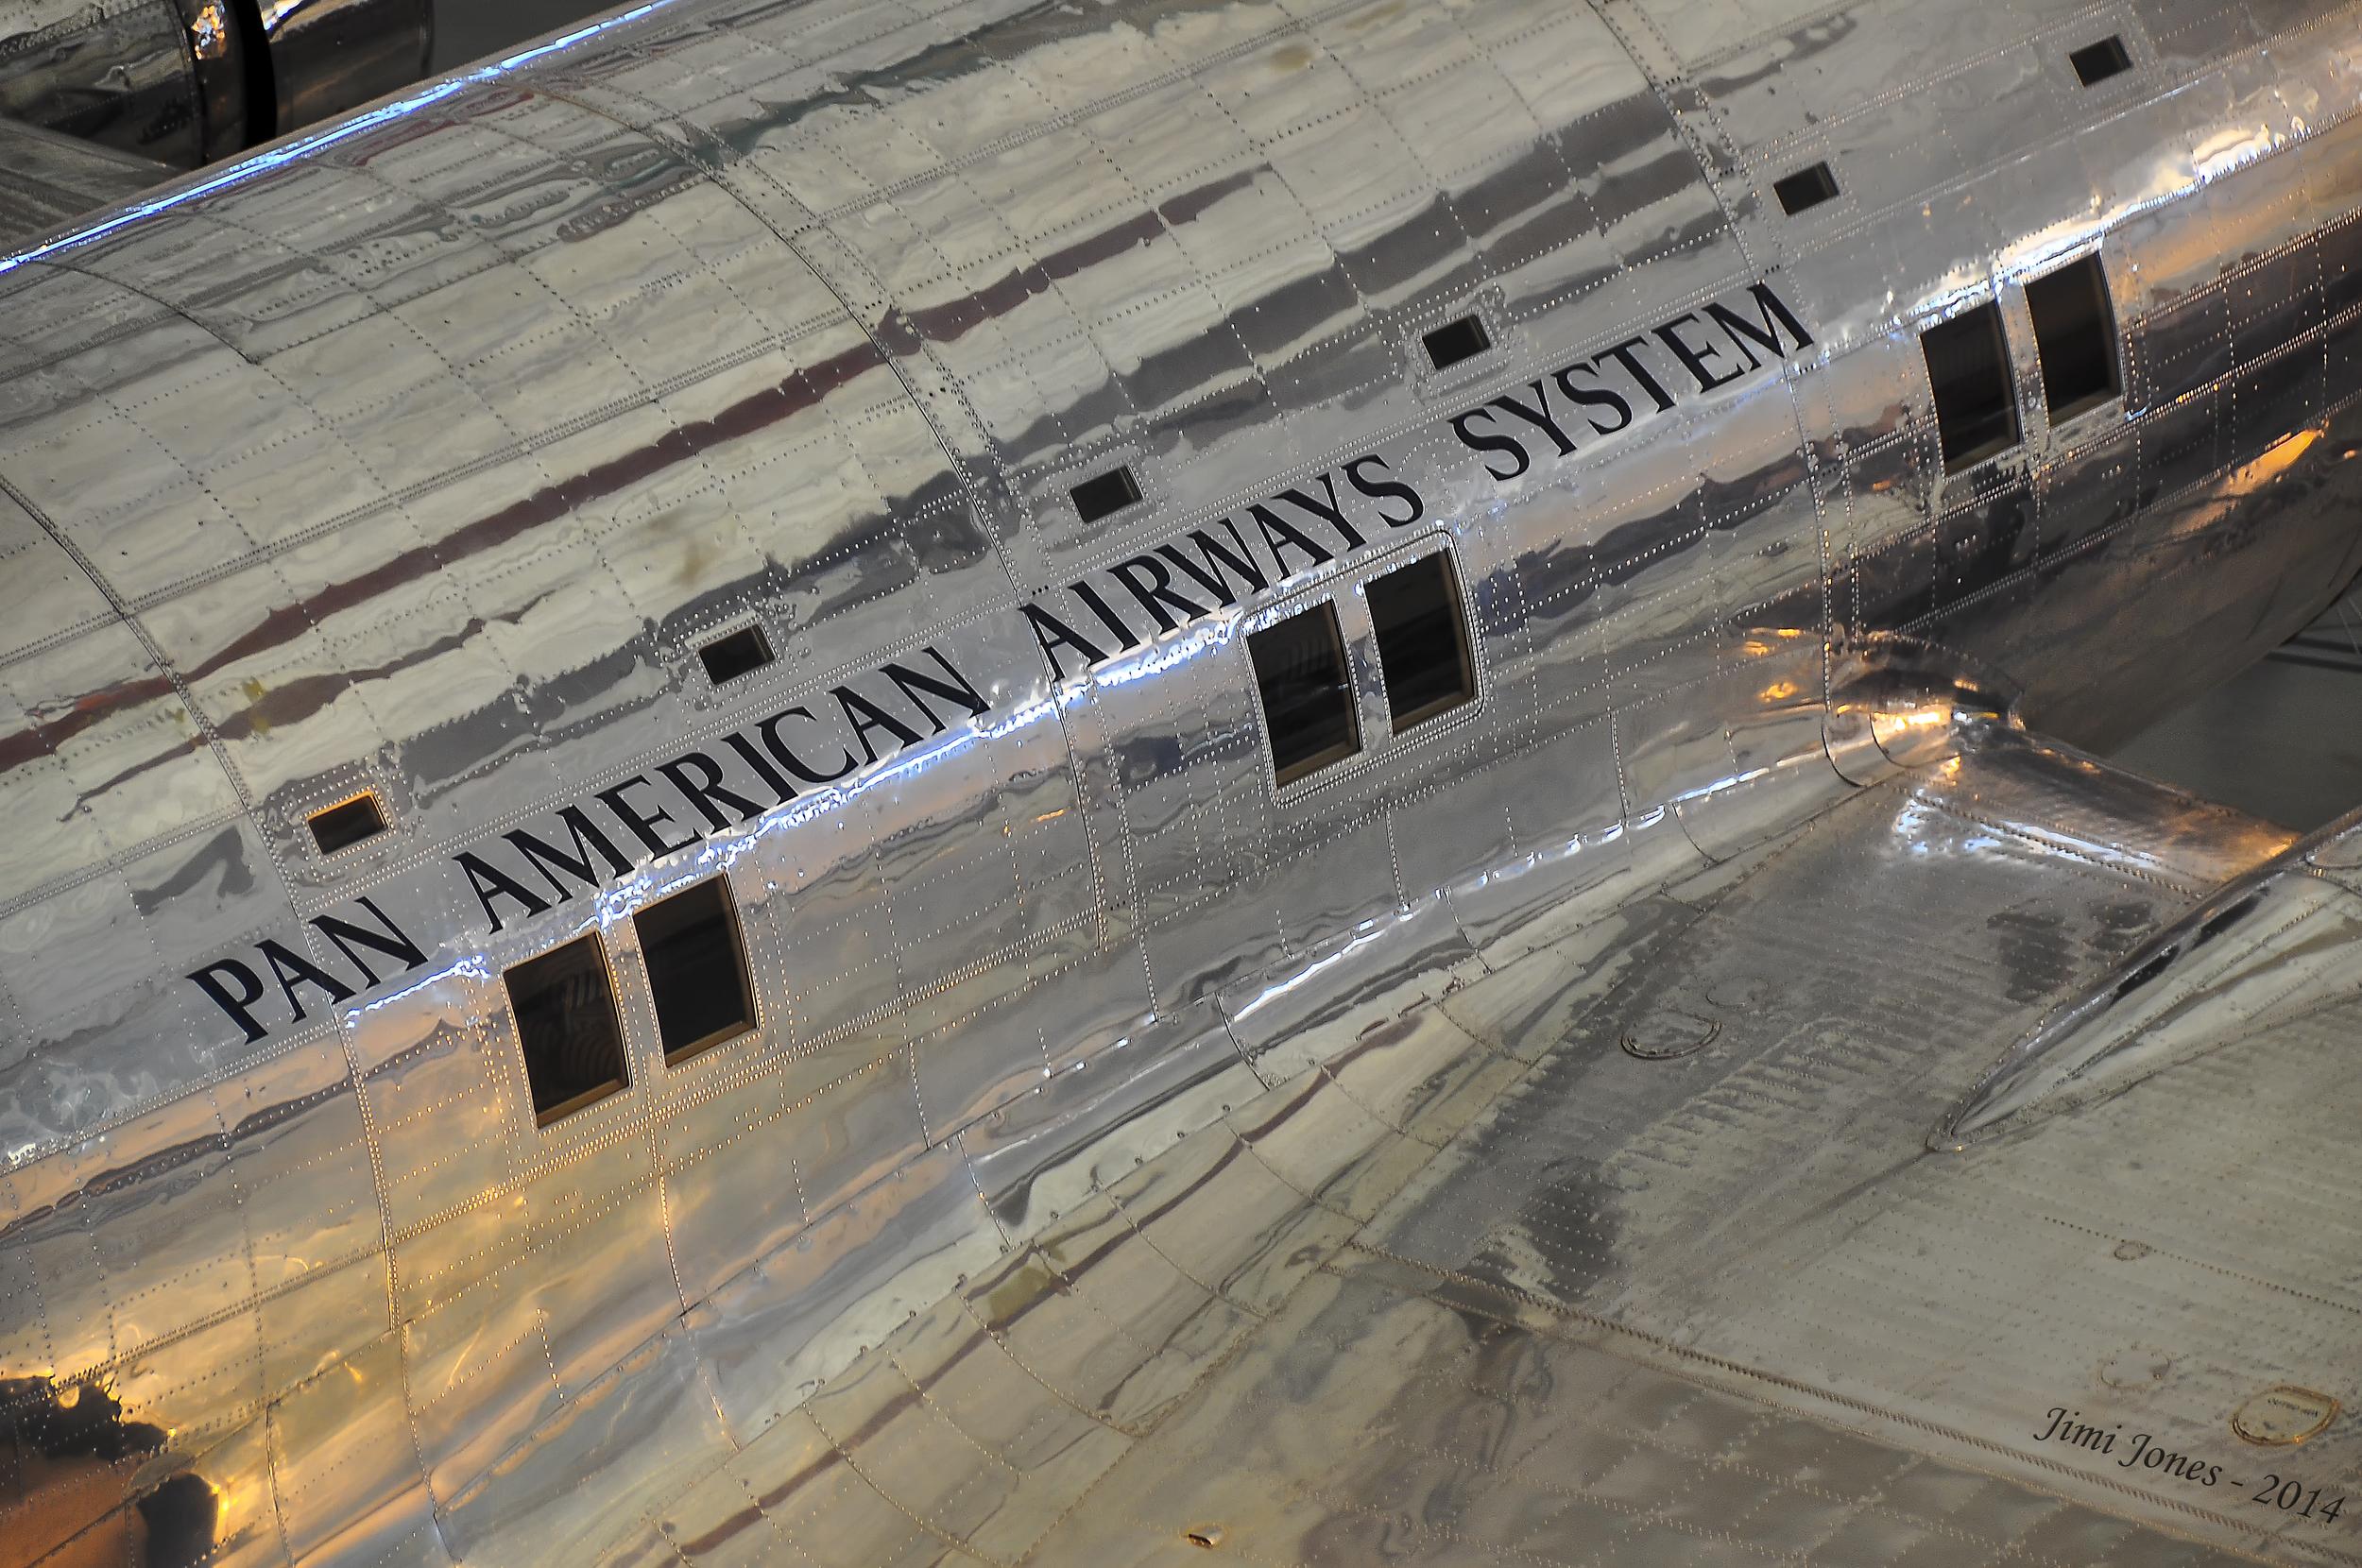 Pan American Airways System